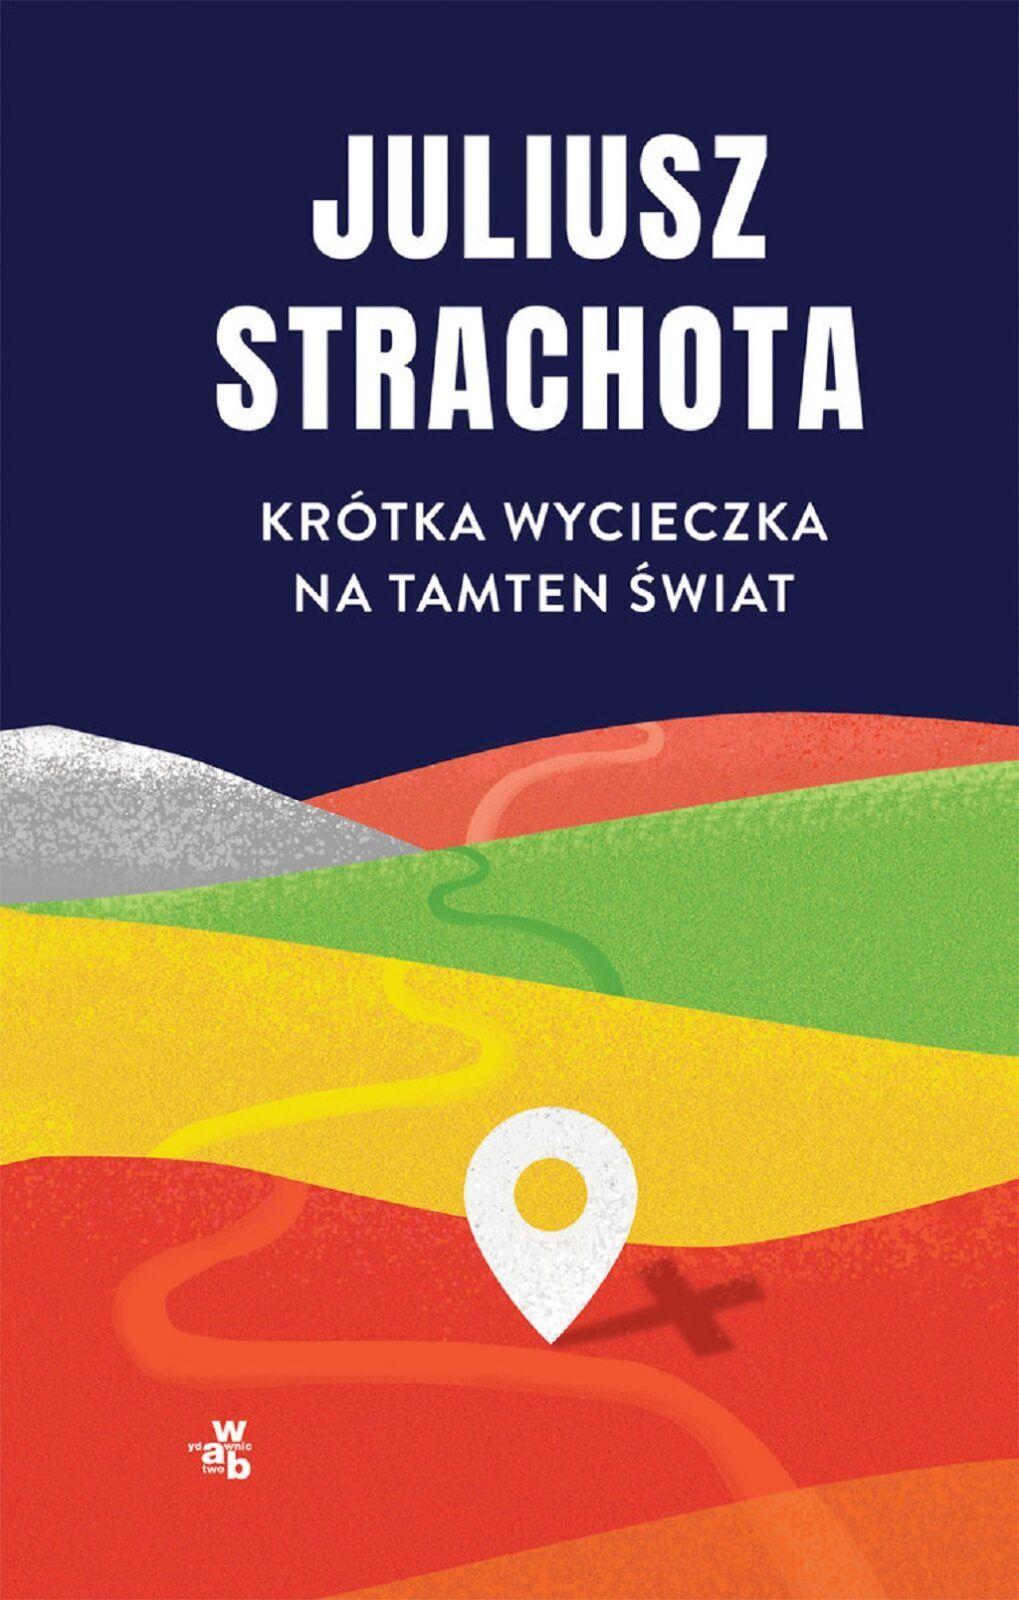 Juliusz Strachota – Krótka wycieczka na tamten świat